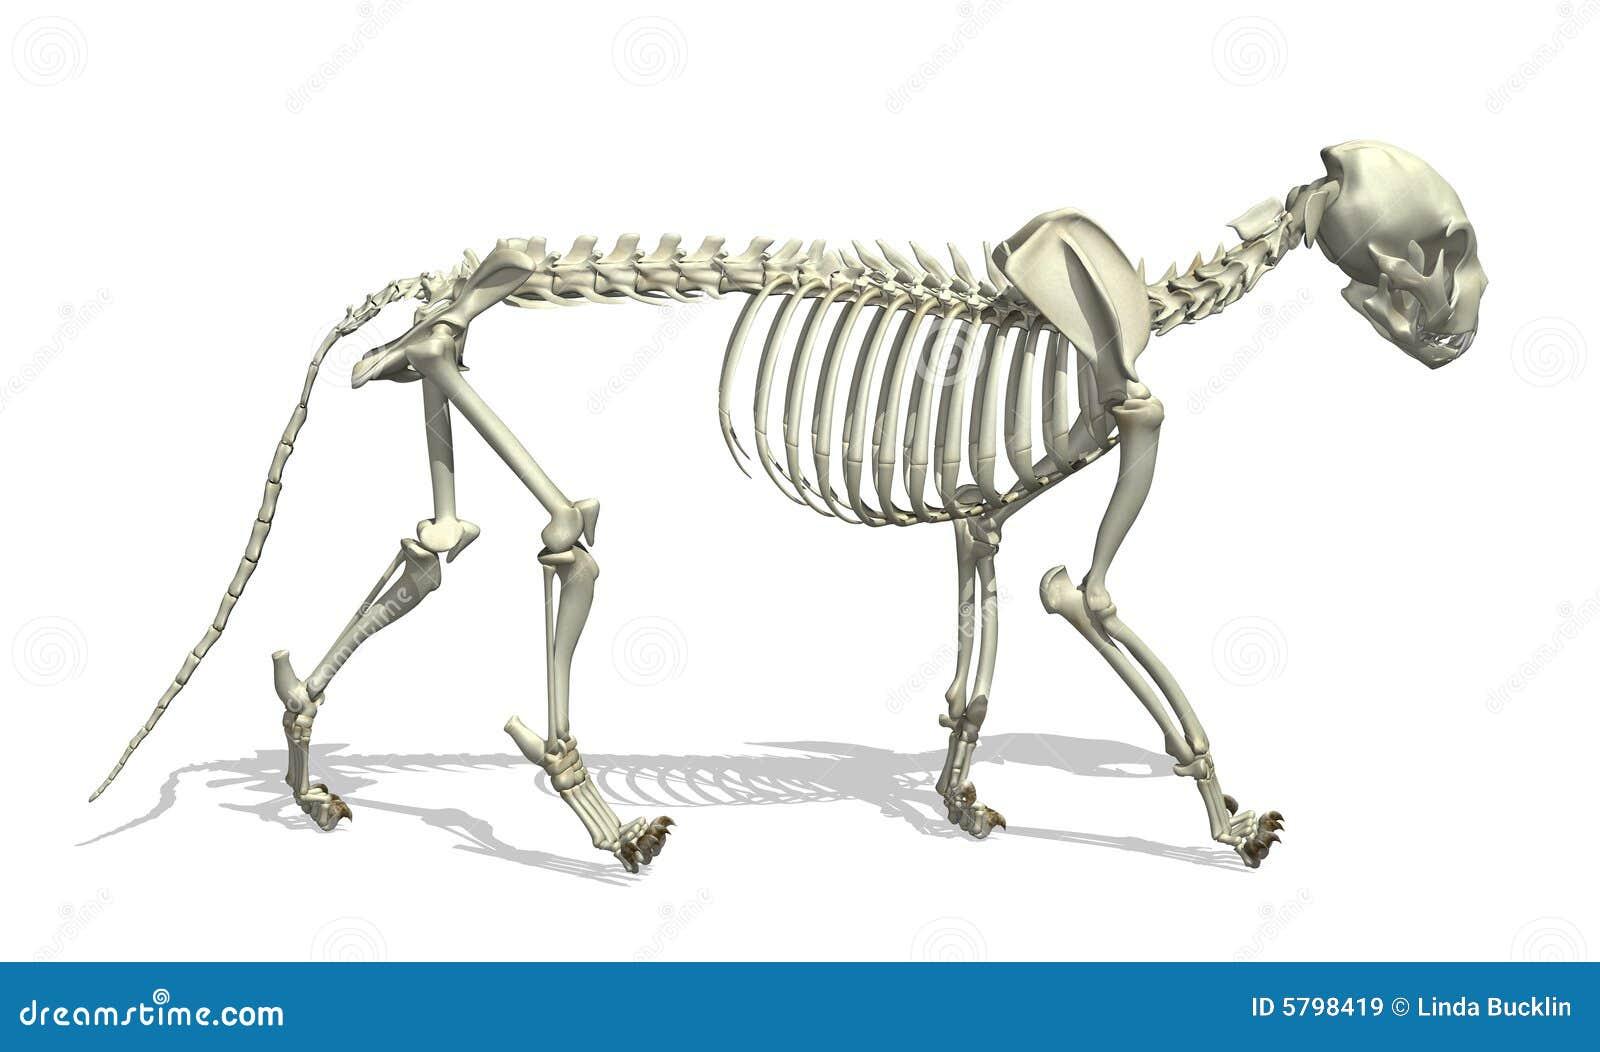 Esqueleto del gato stock de ilustración. Ilustración de huesos - 5798419